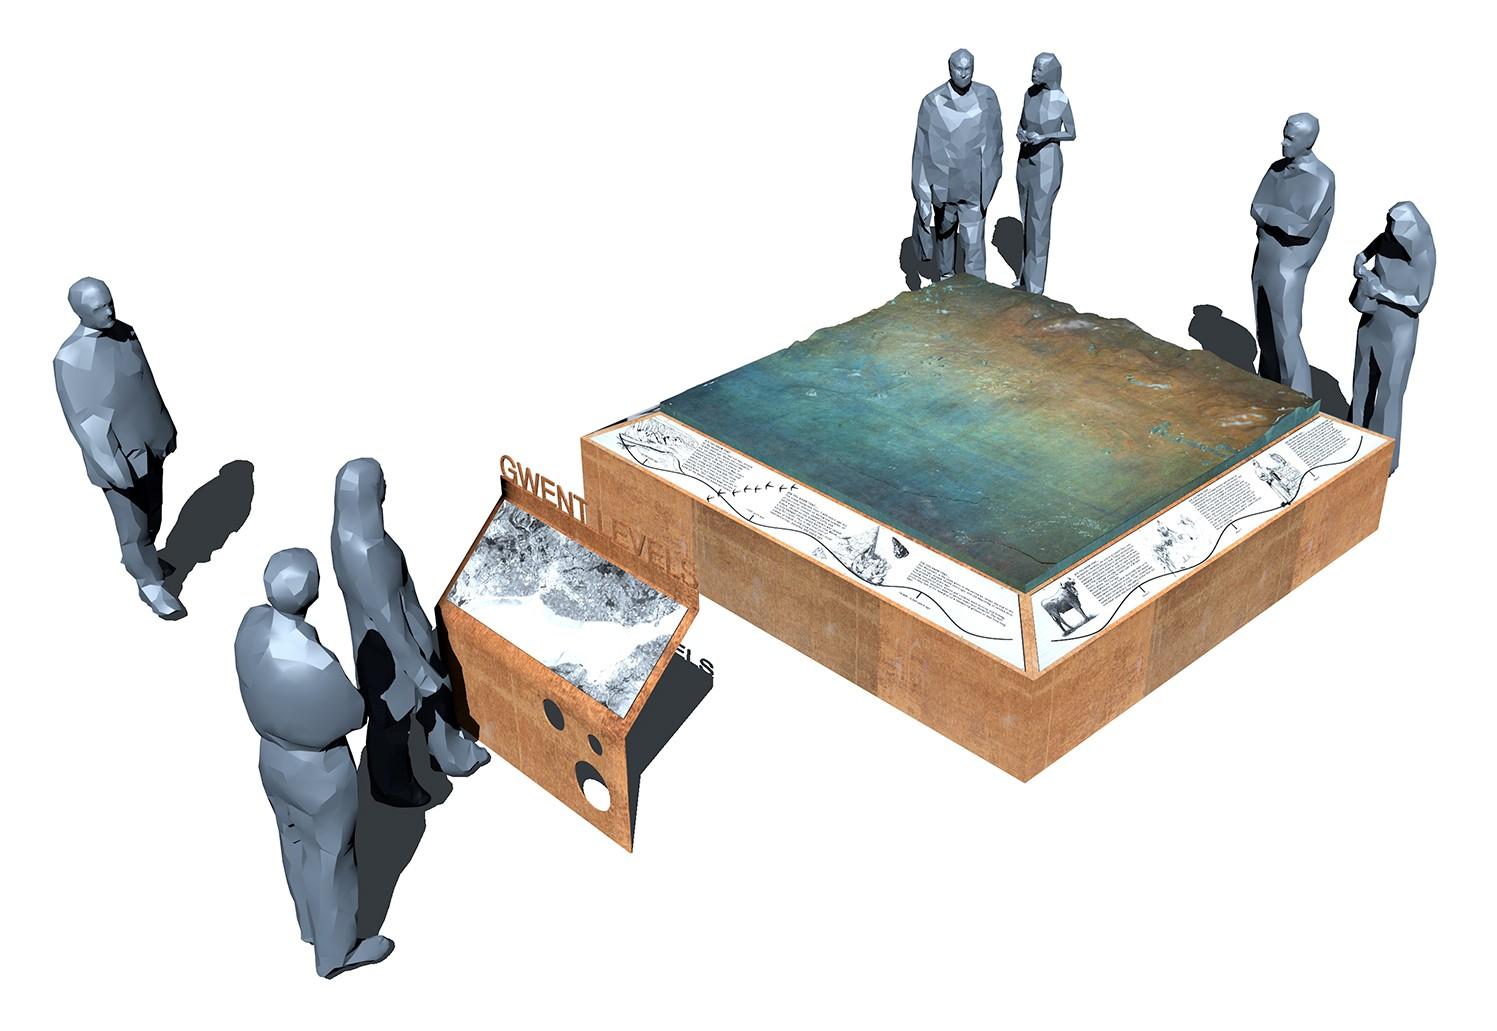 Bronze model, lectern and timeline v1 17.09.18.jpg